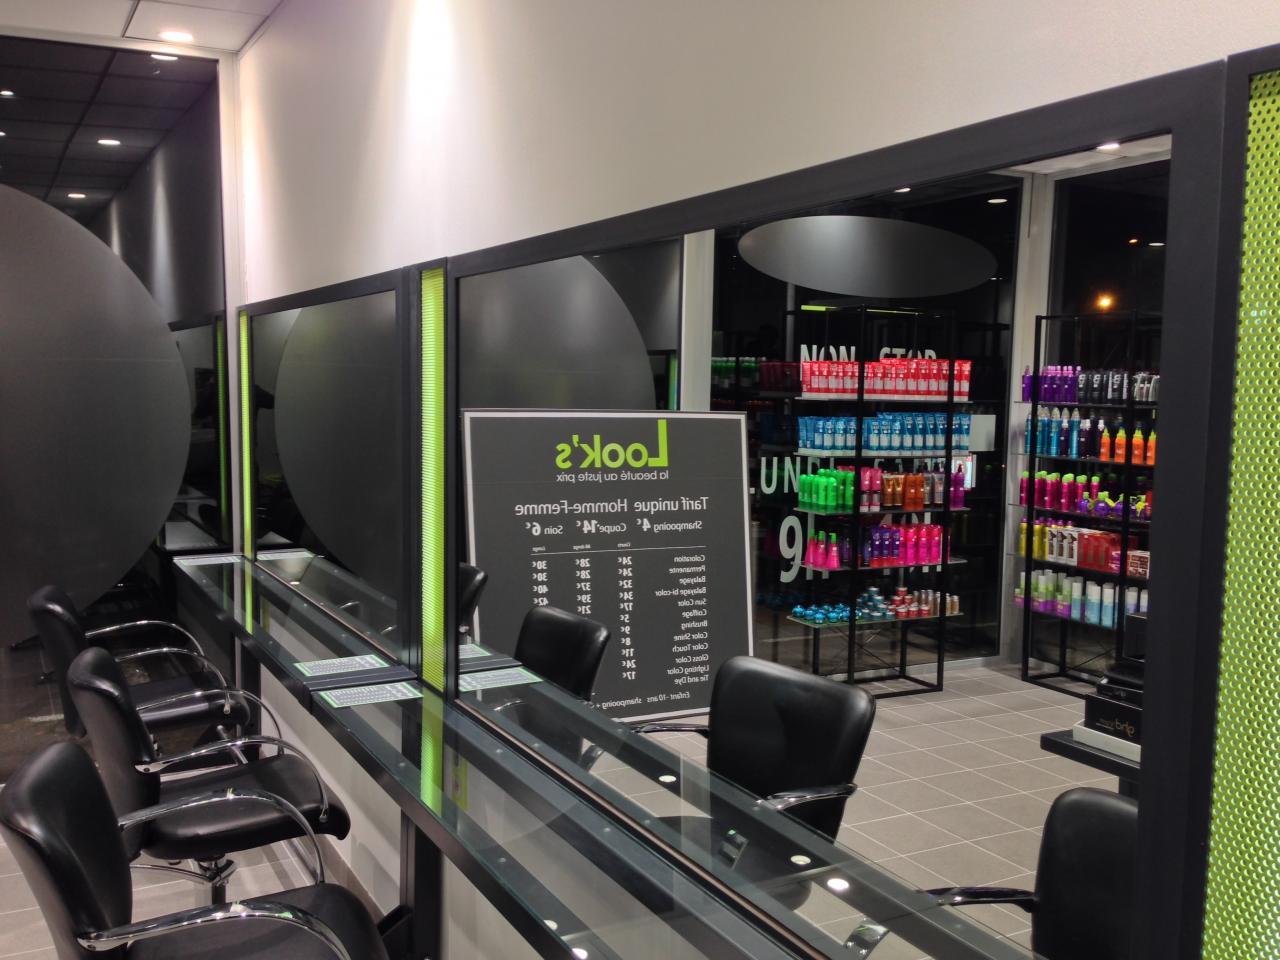 Meuble pour salon de coiffure : Coiffeuse et miroir éclairé